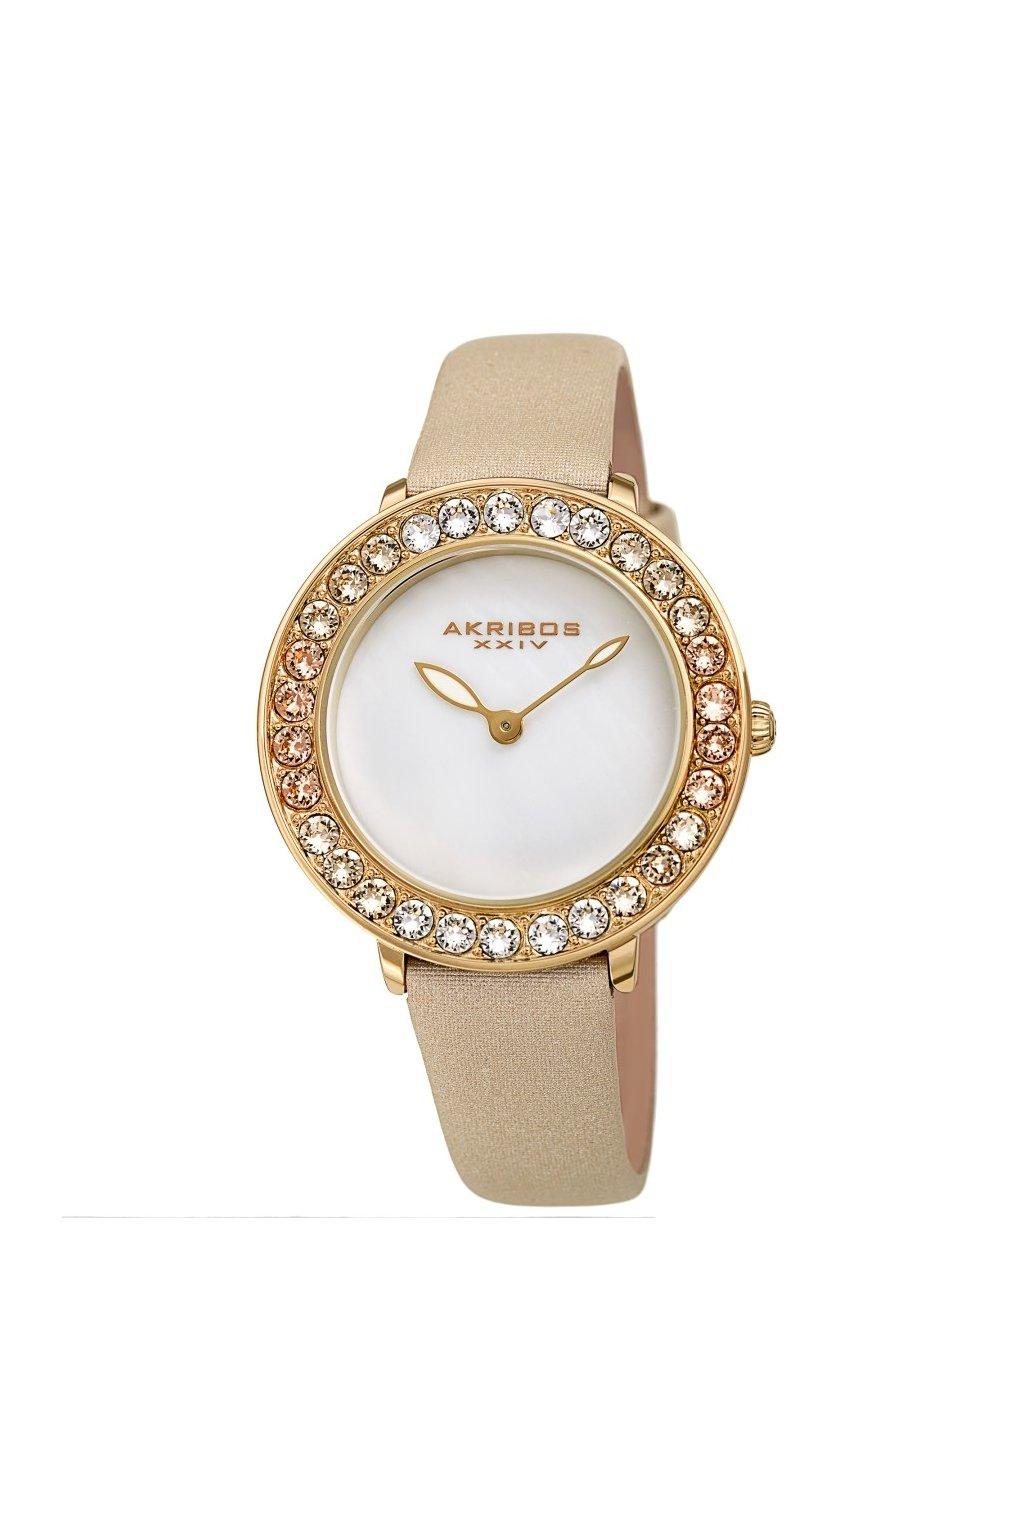 akribos xxiv quartz white dial ladies watch ak1093yg